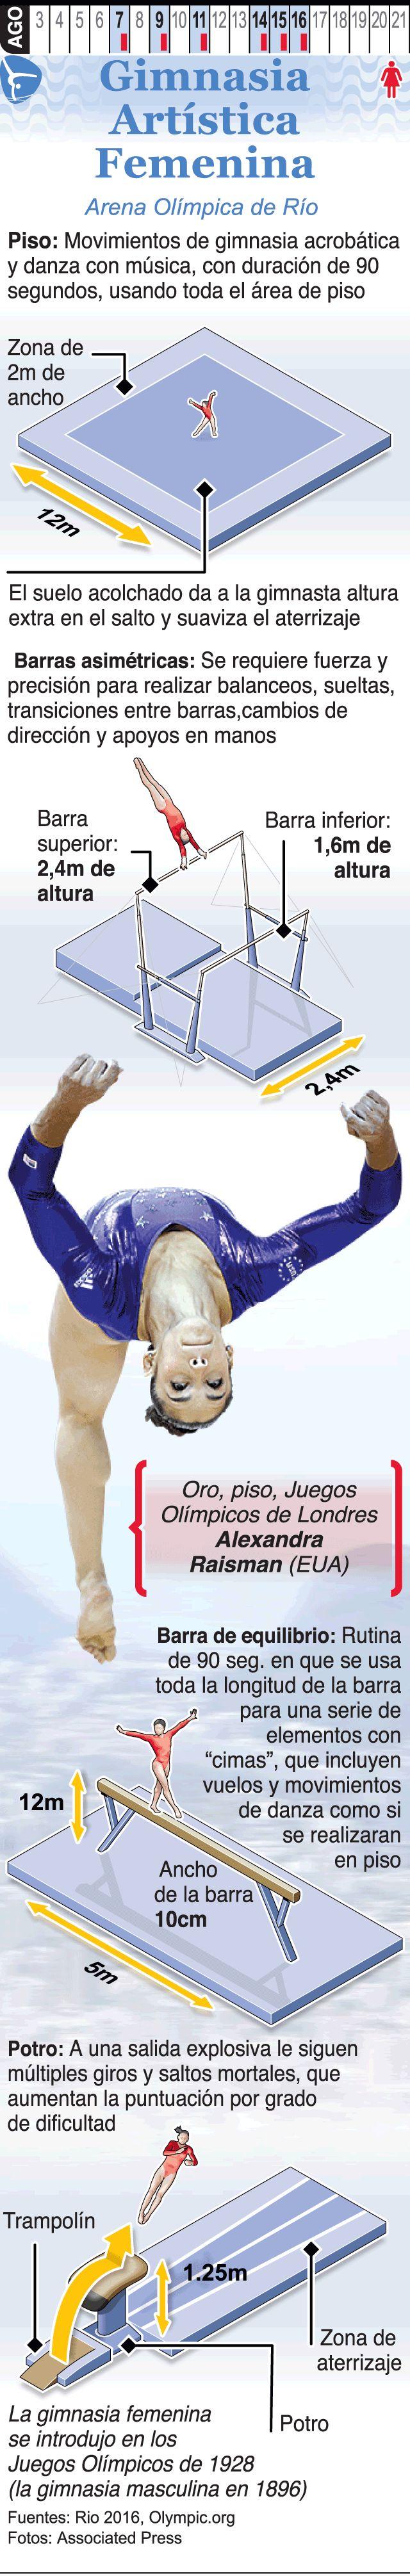 Infografía: La gimnasia artística femenina en los Juegos de Río 2016